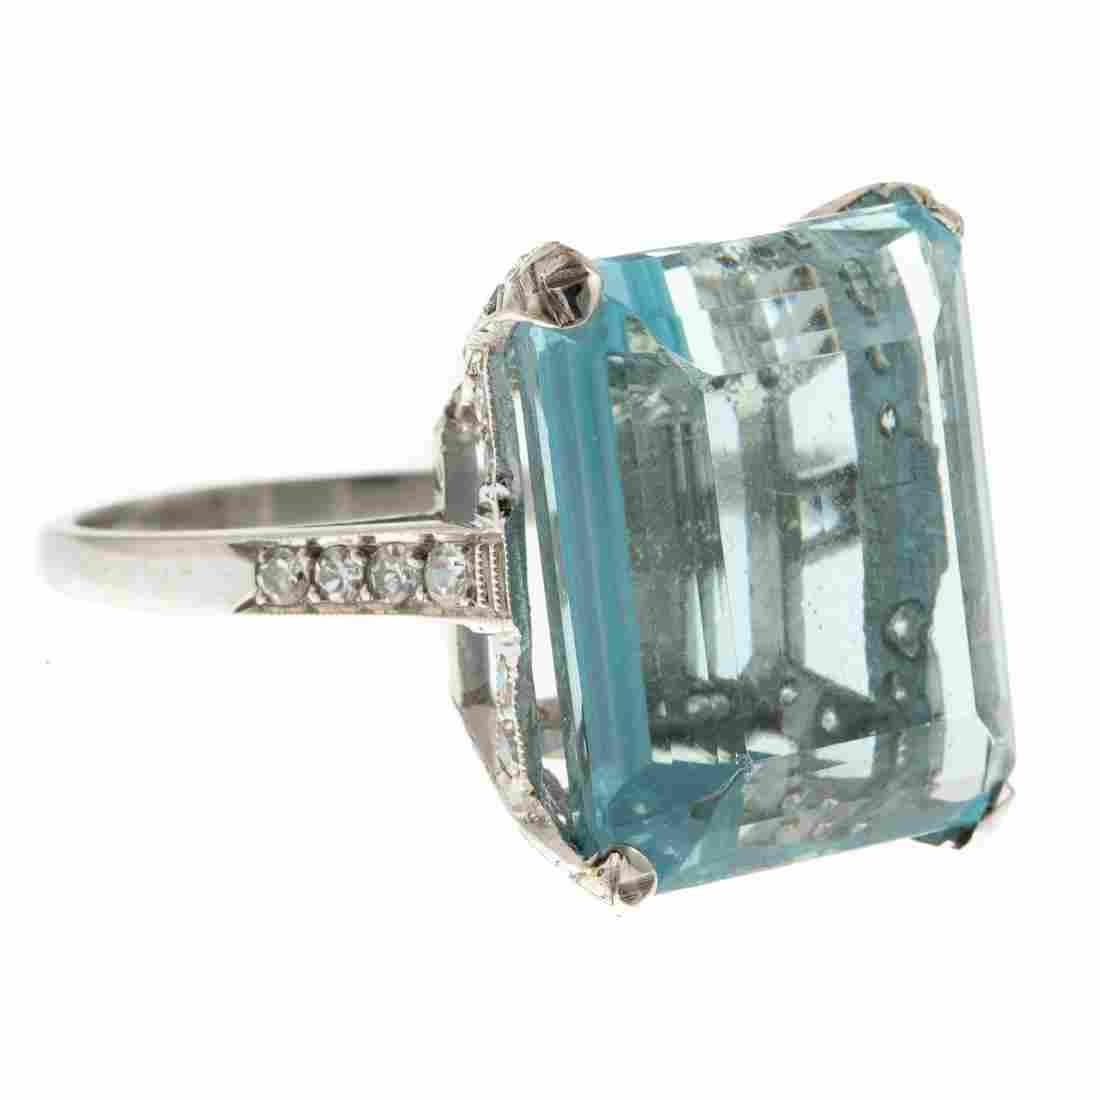 A Ladies Aquamarine & Diamond Ring in Platinum